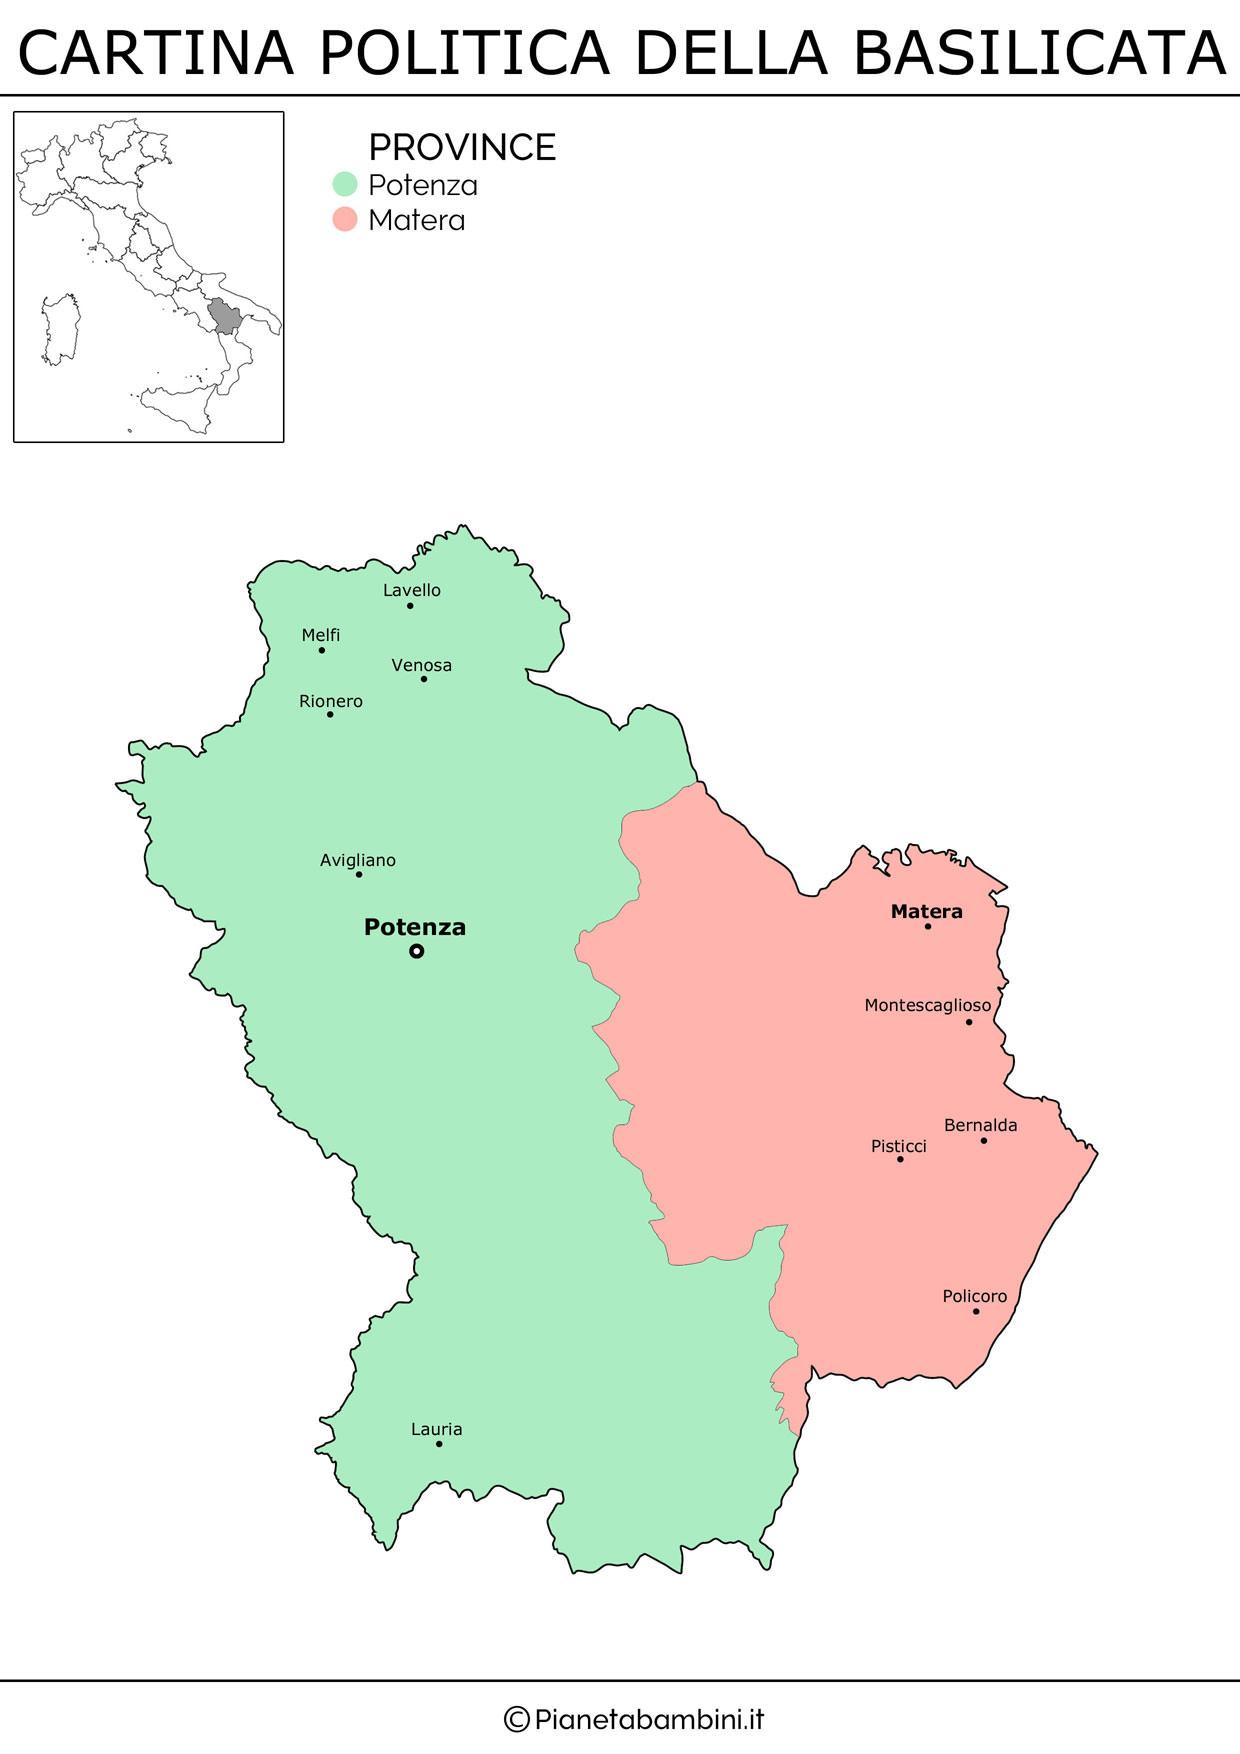 Cartina della Basilicata in versione politica da stampare gratis